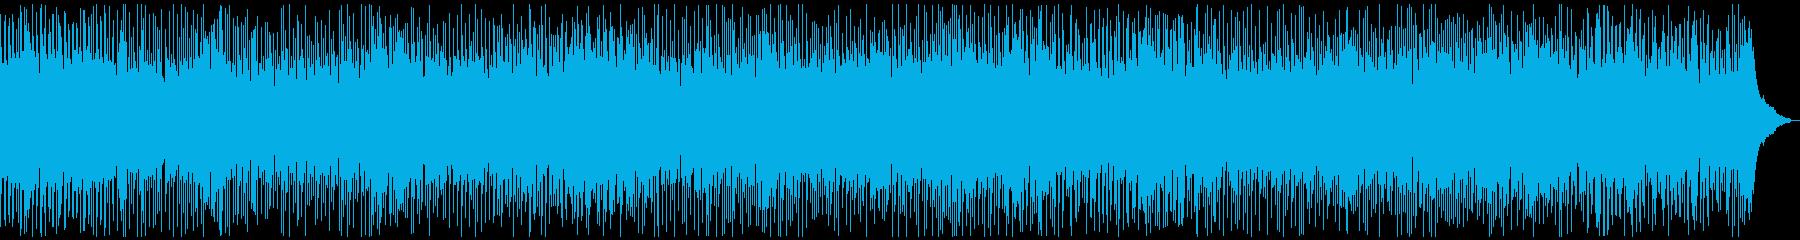 軽快なピアノロックンロールの再生済みの波形